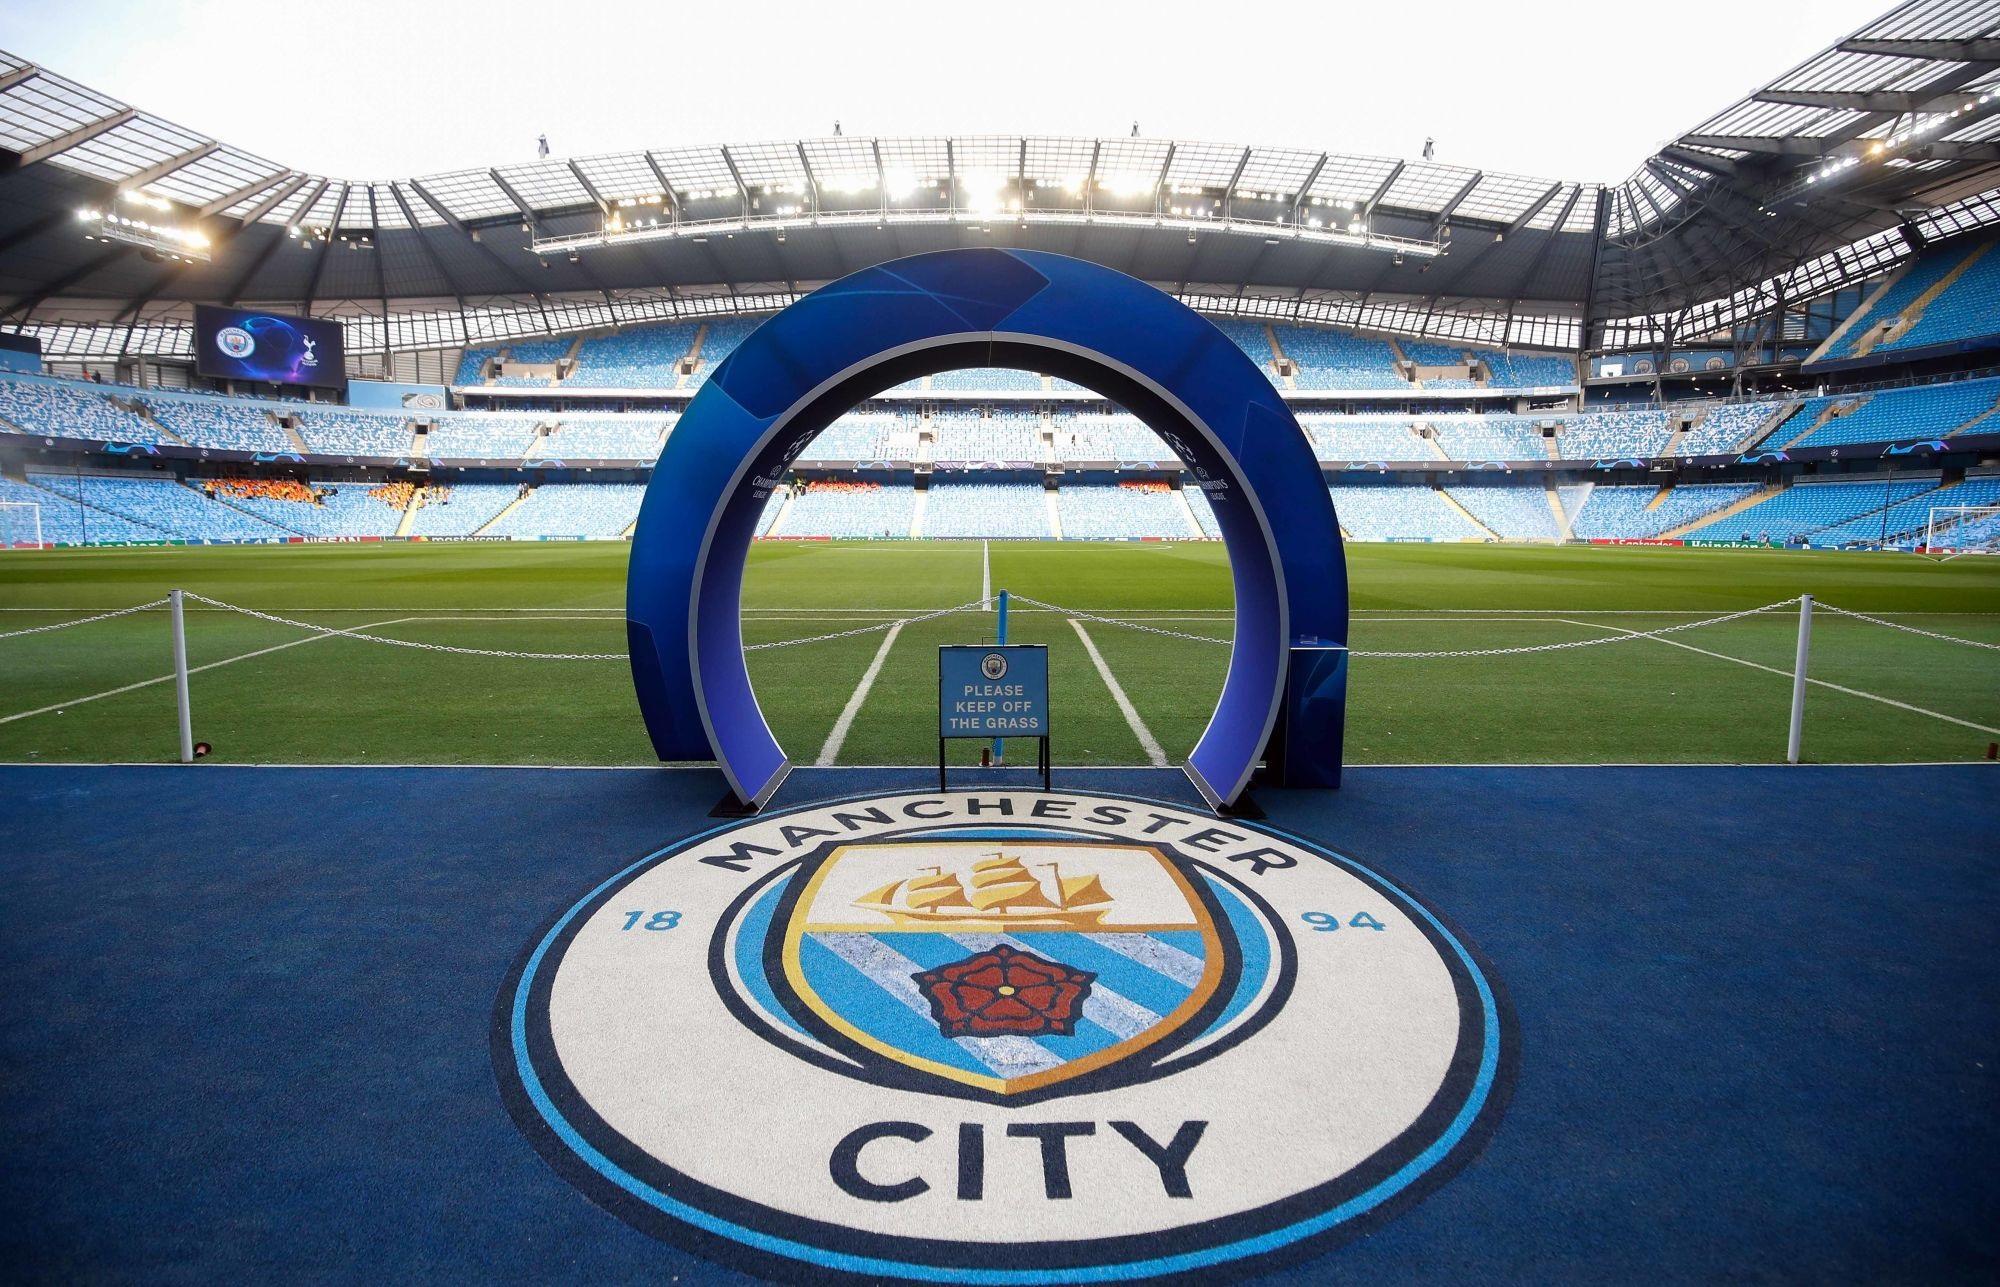 FPF - Le TAS lève l'interdiction de participation de Manchester City à la LDC décidée par l'UEFA